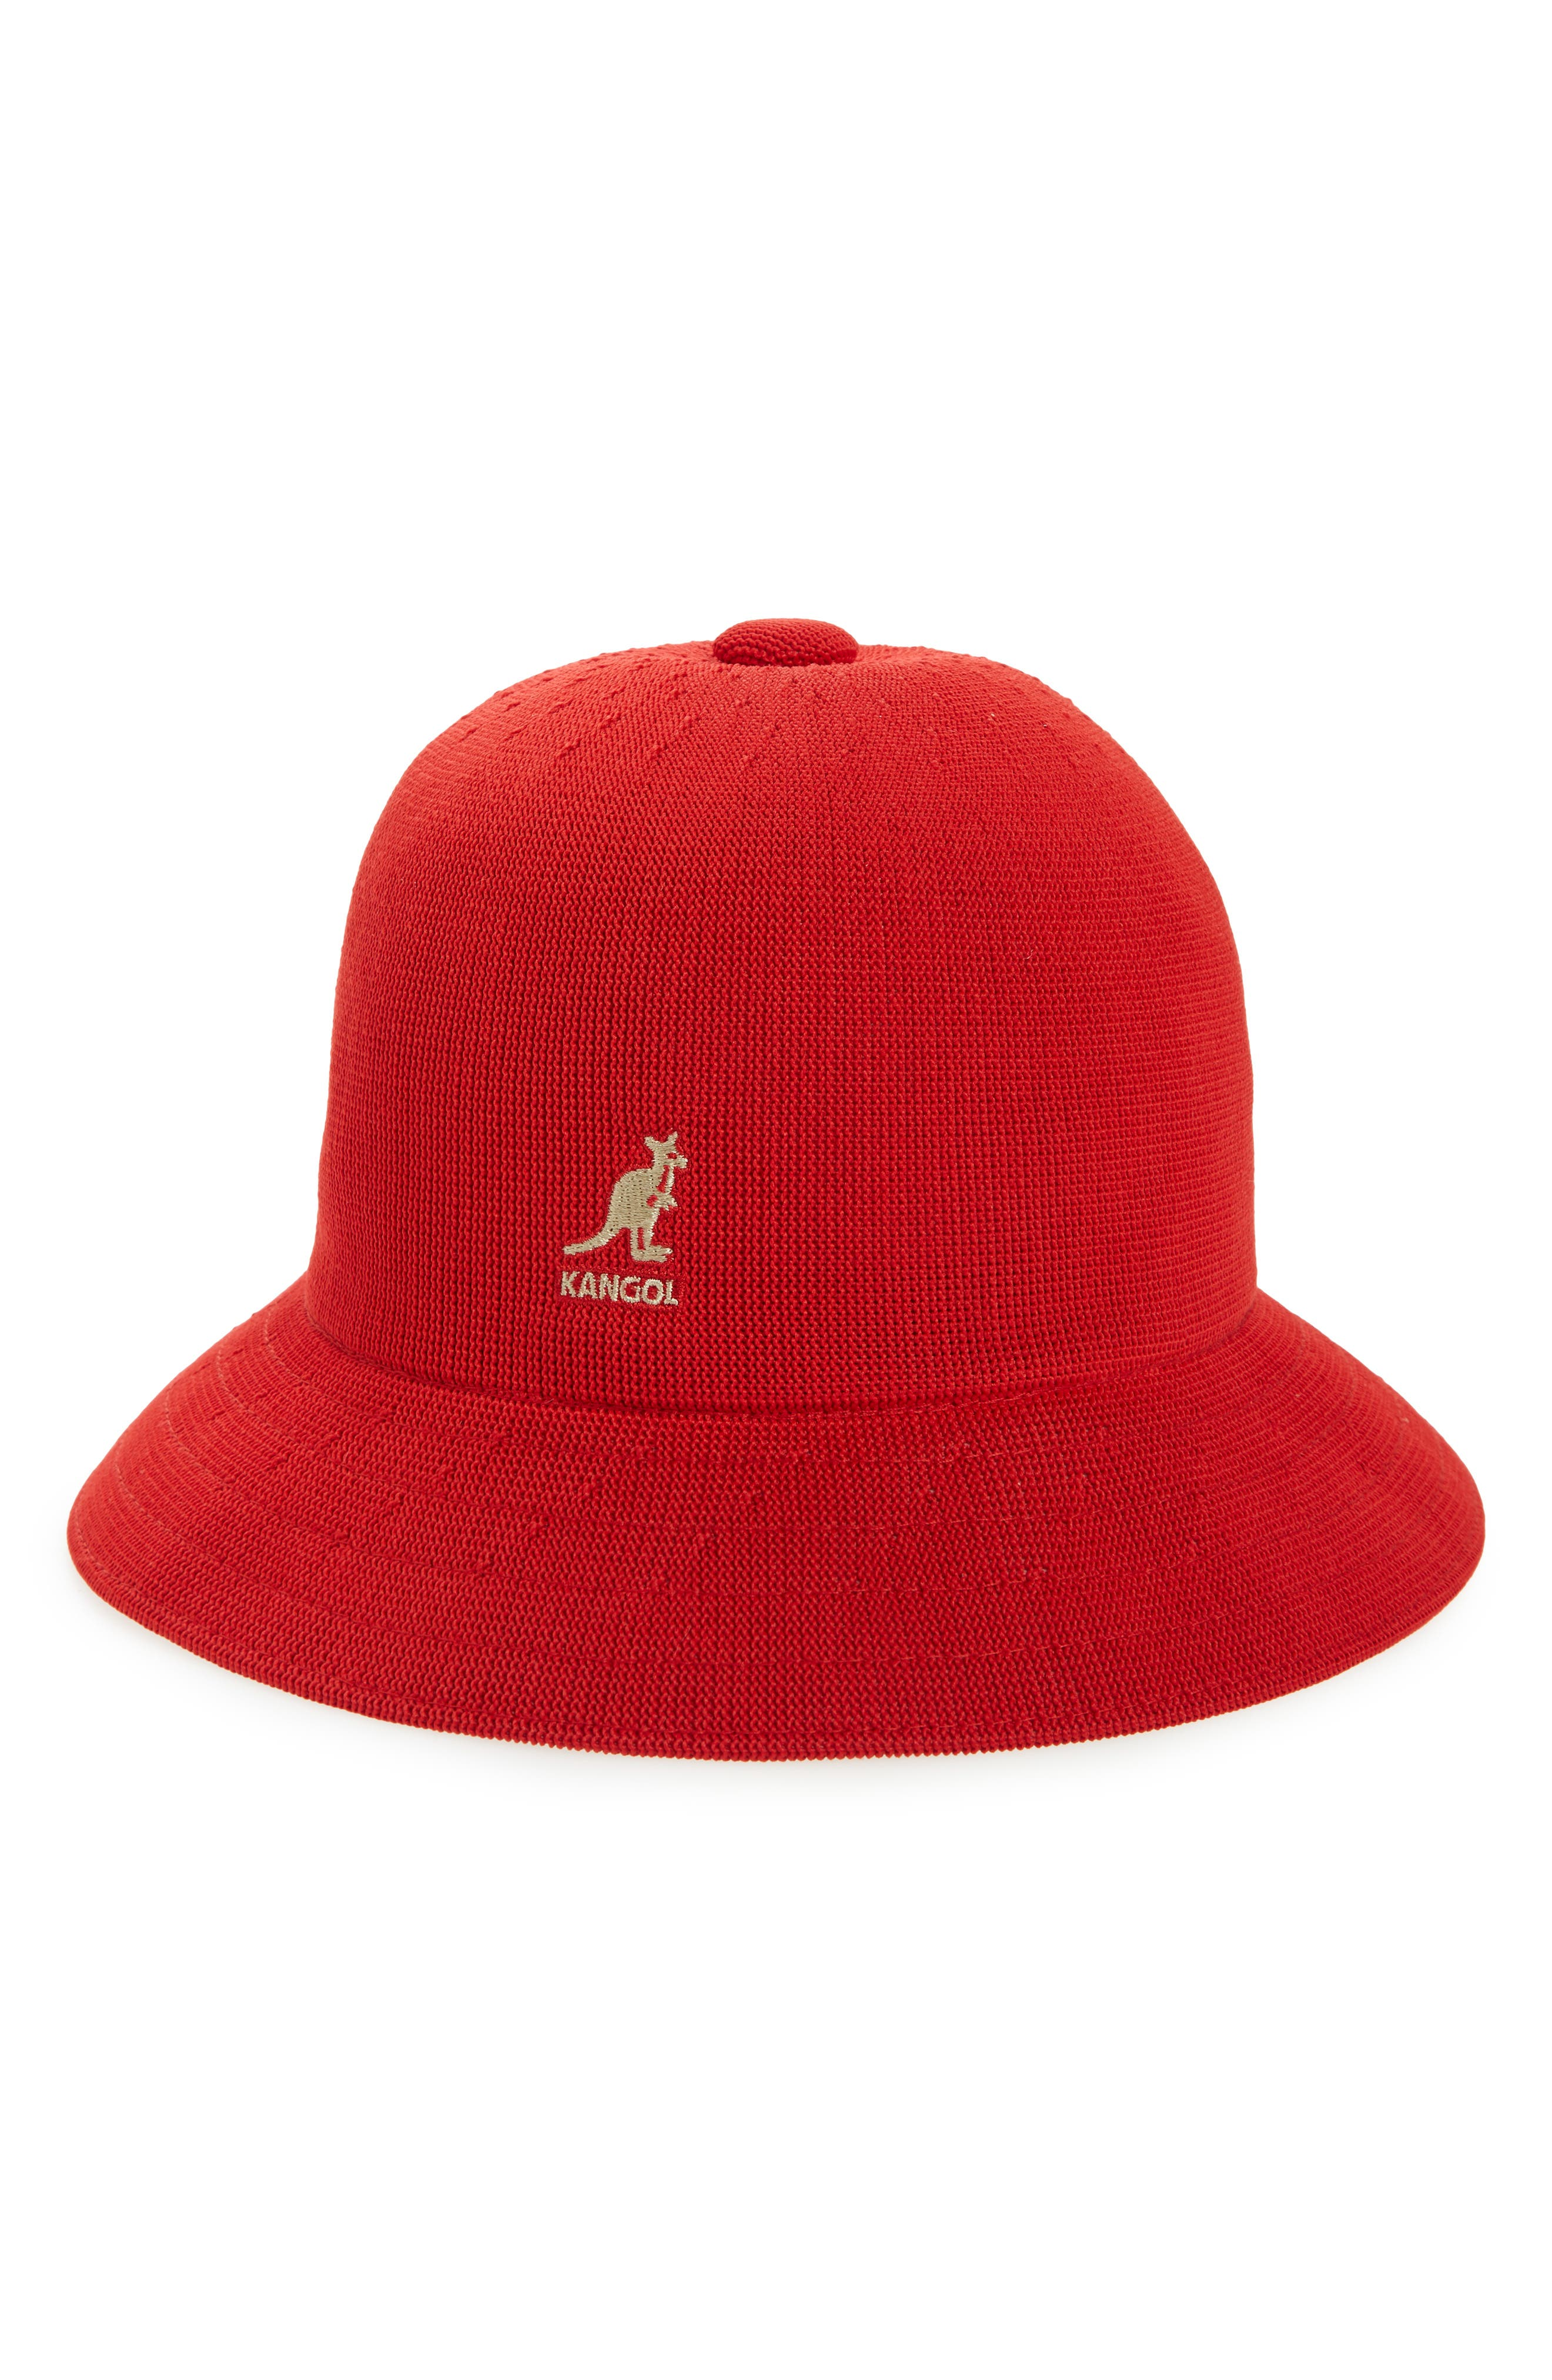 a9deb6ac343eb Kangol Hats for Women